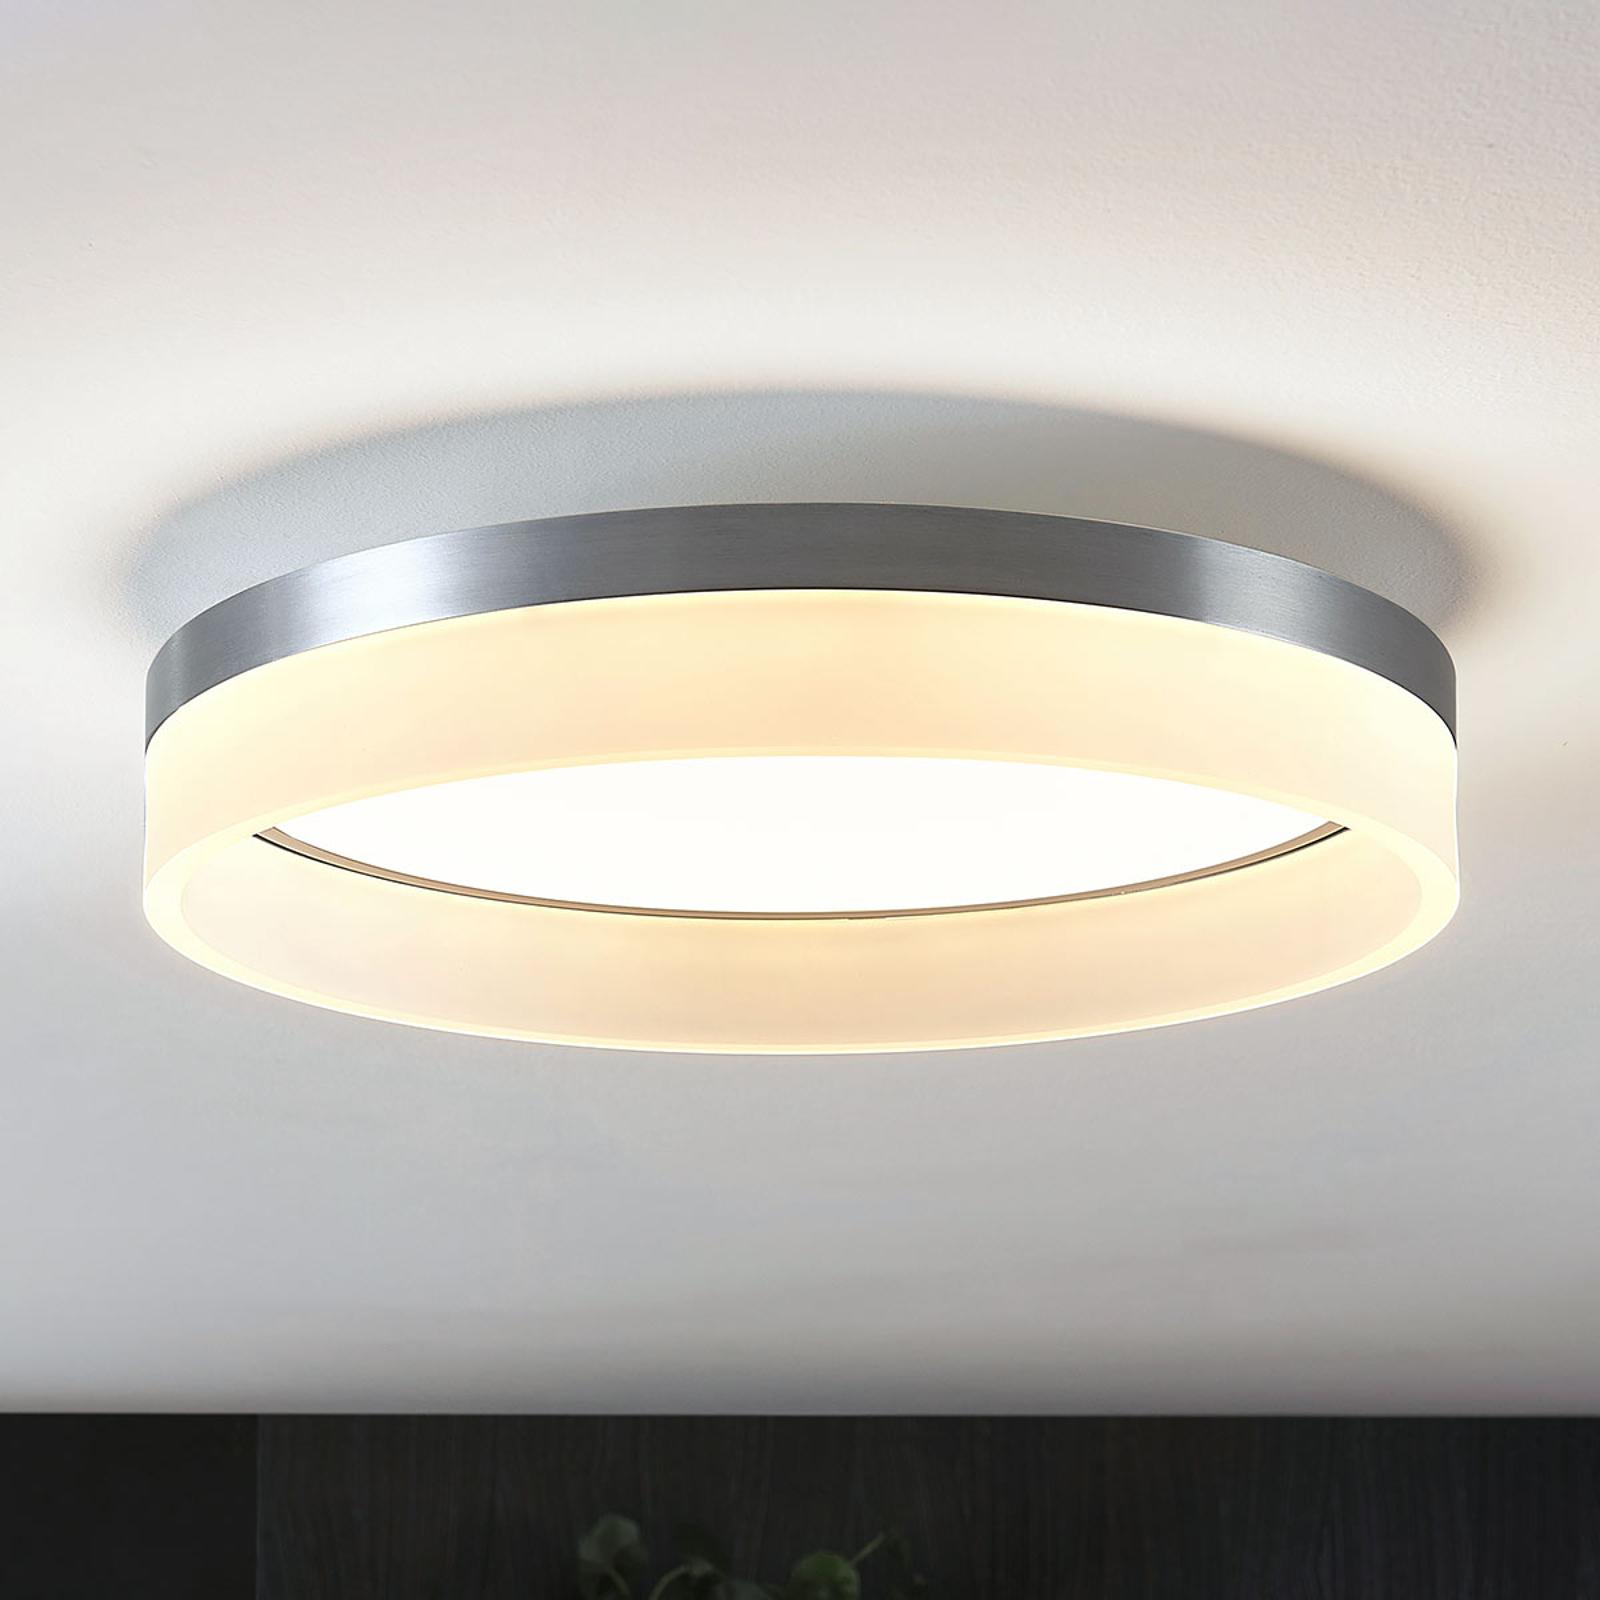 Kulaté LED stropní svítidlo Jessica